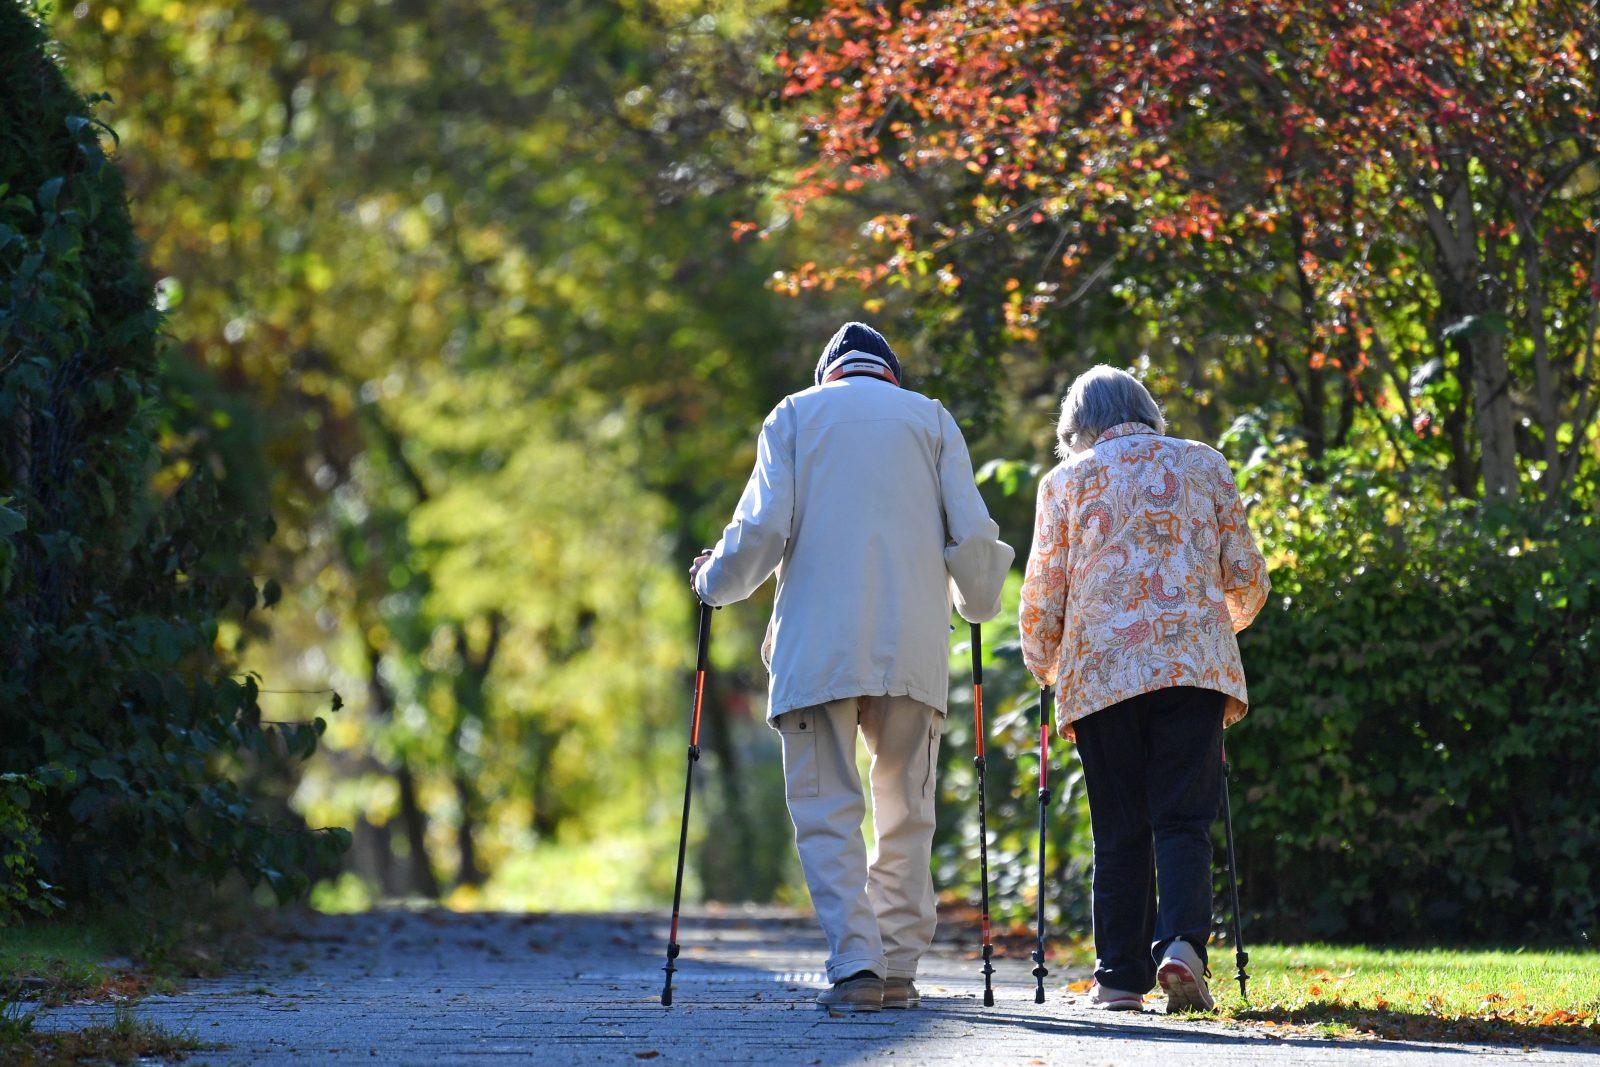 Älteres Ehepaar geht in der Natur spazieren: Über 60jährige sind am häugisten bereit, Nachhaltigkeit in ihrem Alltag zu berücksichtigen, um das Klima zu schonen